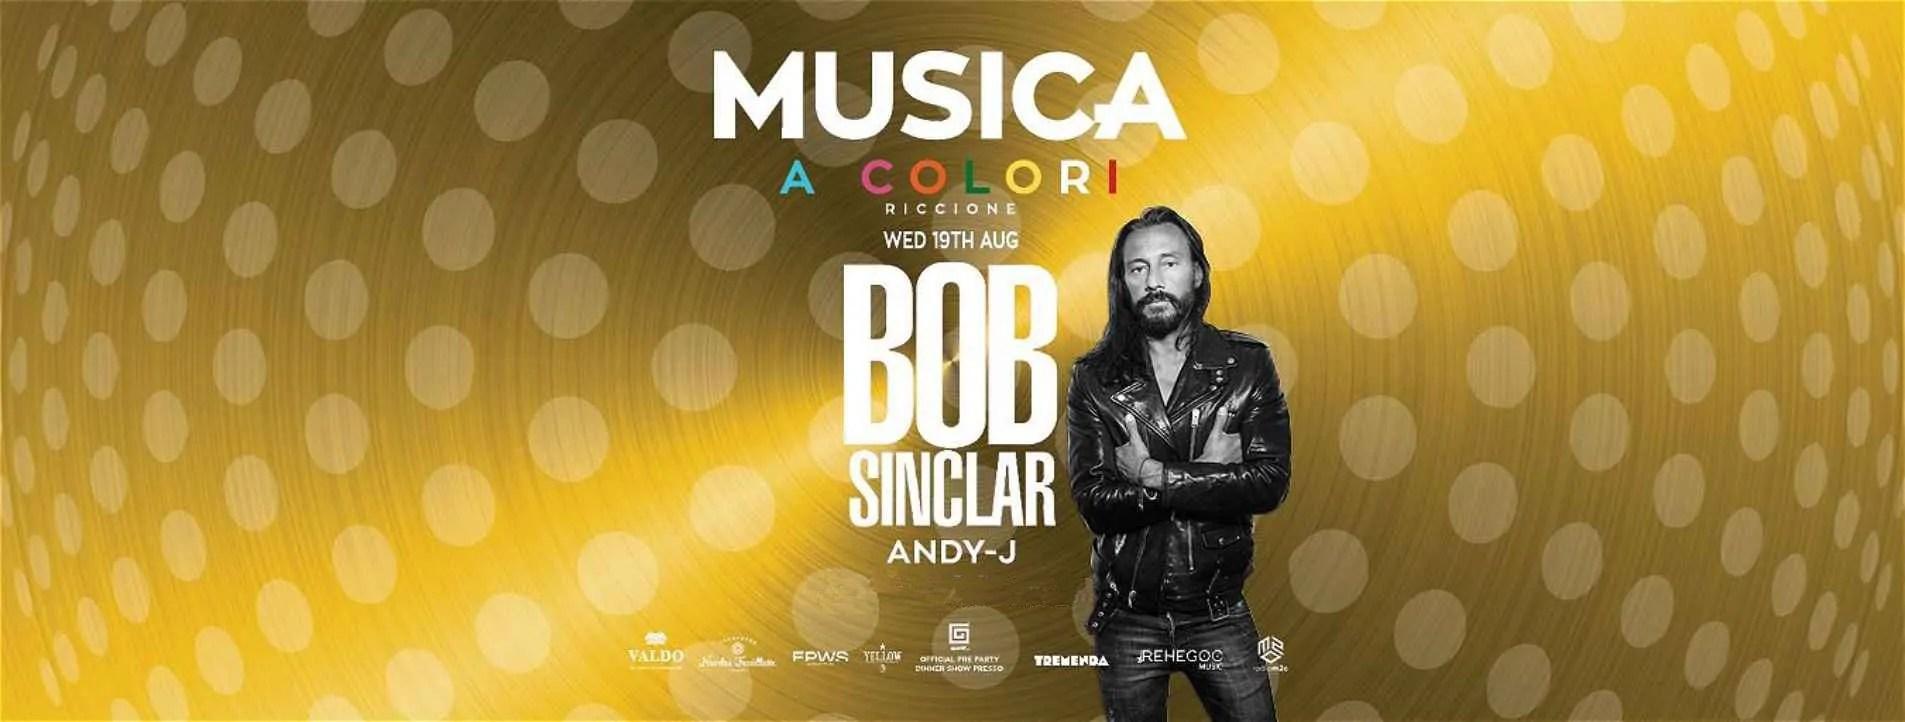 BOB SINCLAR MUSICA RICCIONE 19 08 2020